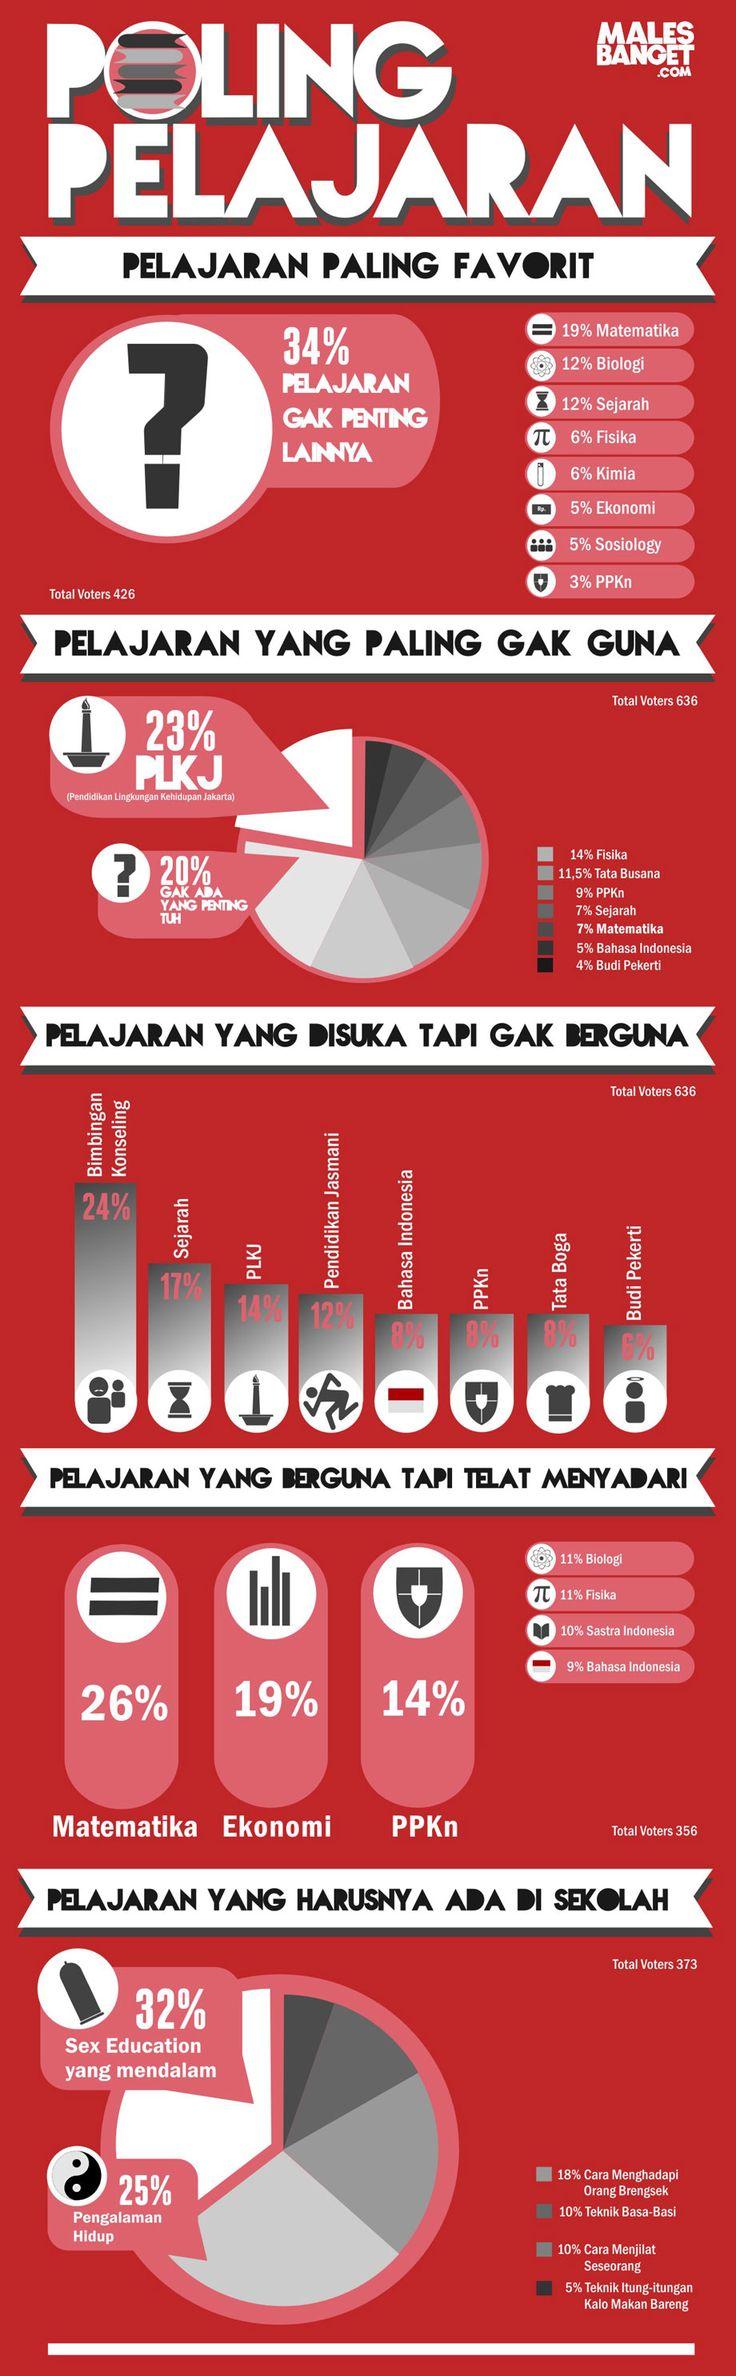 Pelajaran Sekolah. Bahasa Indonesia.